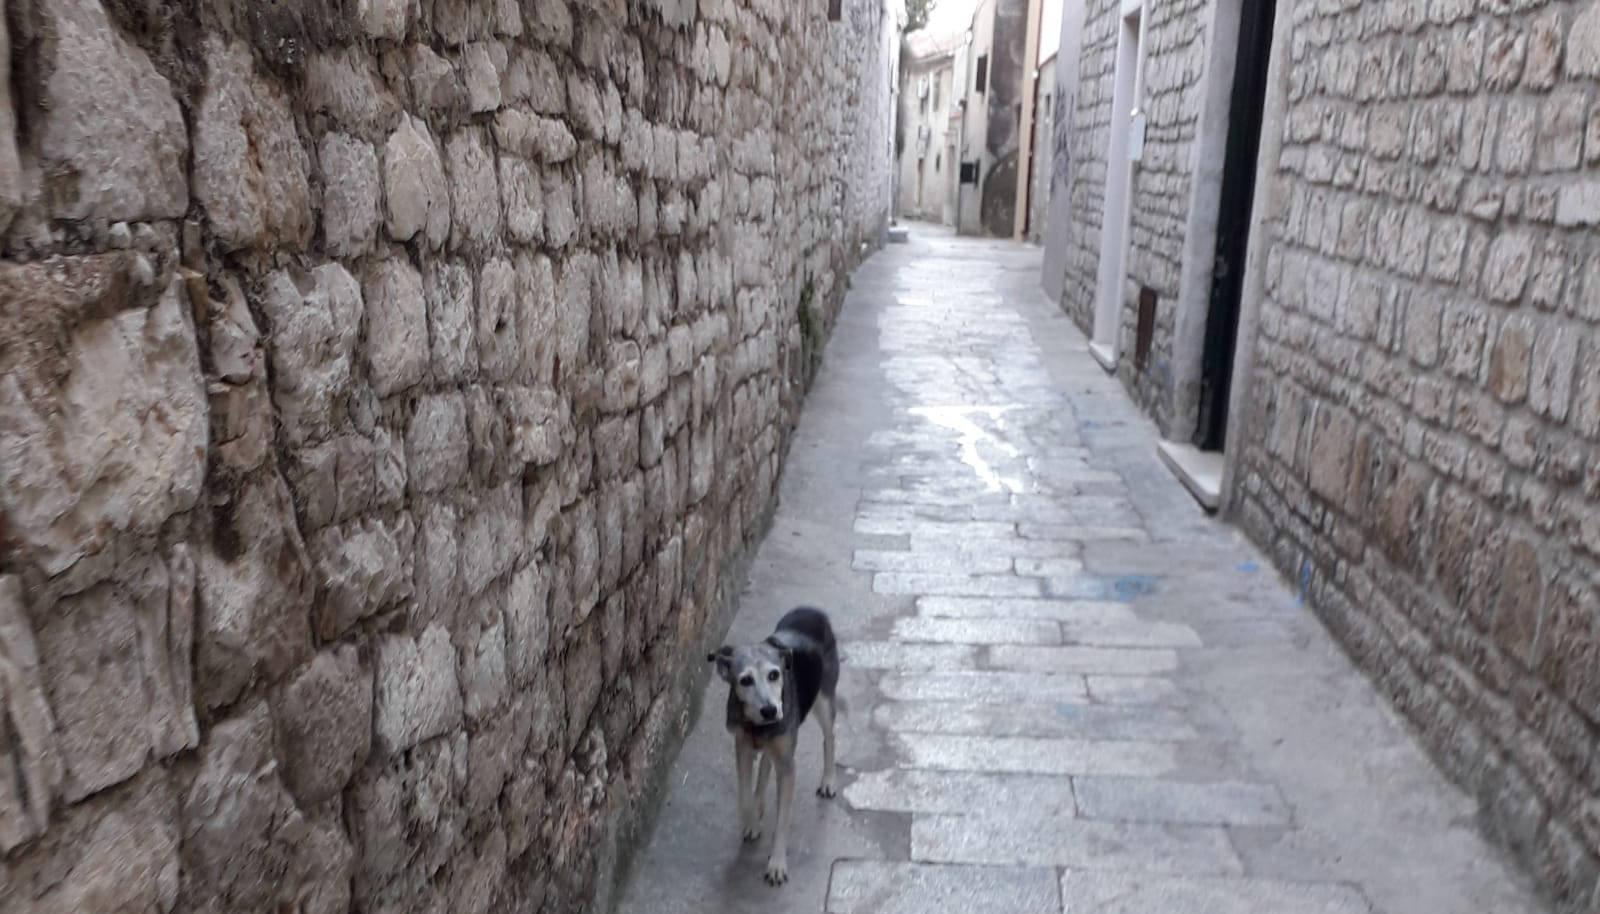 Problem pasjeg izmeta kao da se samo povećava?